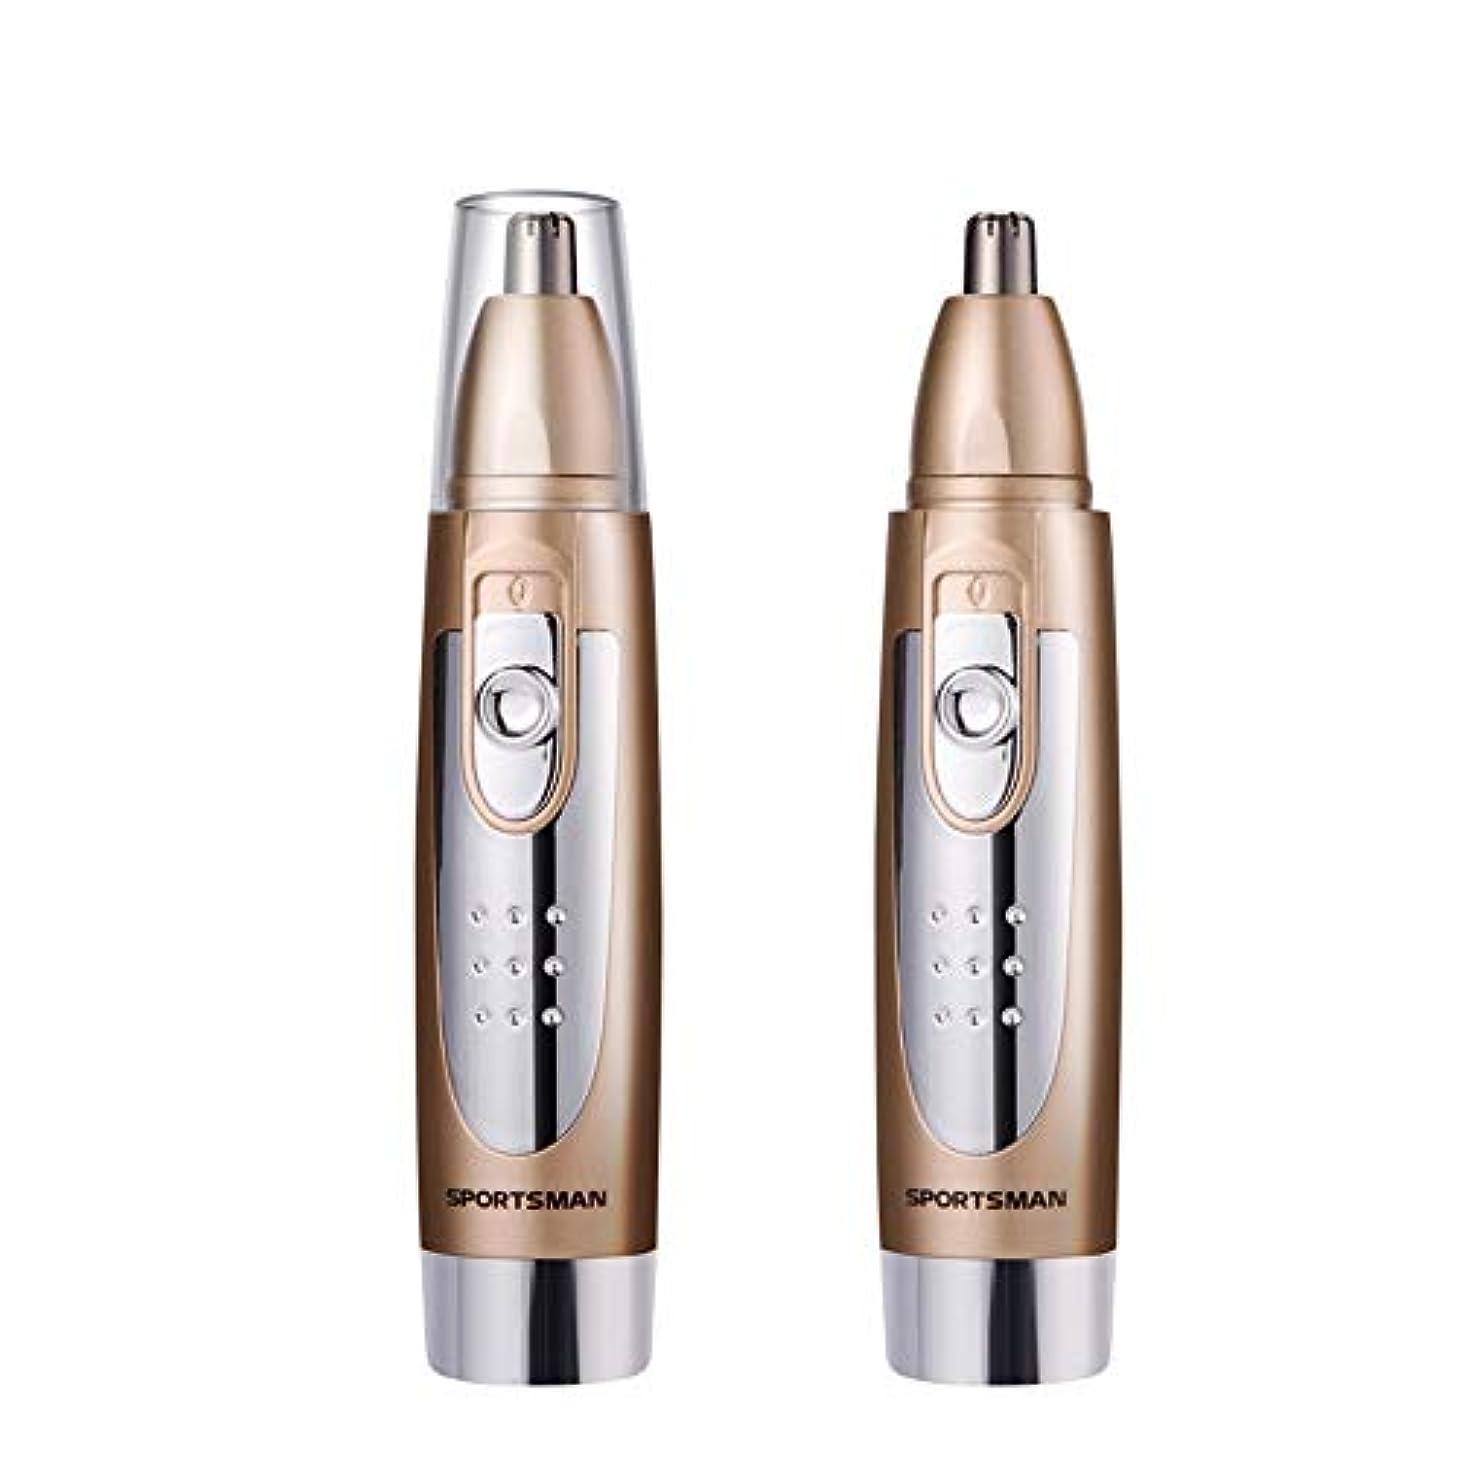 蒸留ドラゴン教義鼻毛カッター はなげカッター 電気鼻毛トリマーメンズバッテリーヘッドを洗浄し、鼻毛剃っすることができます (Color : Gold, Size : S)